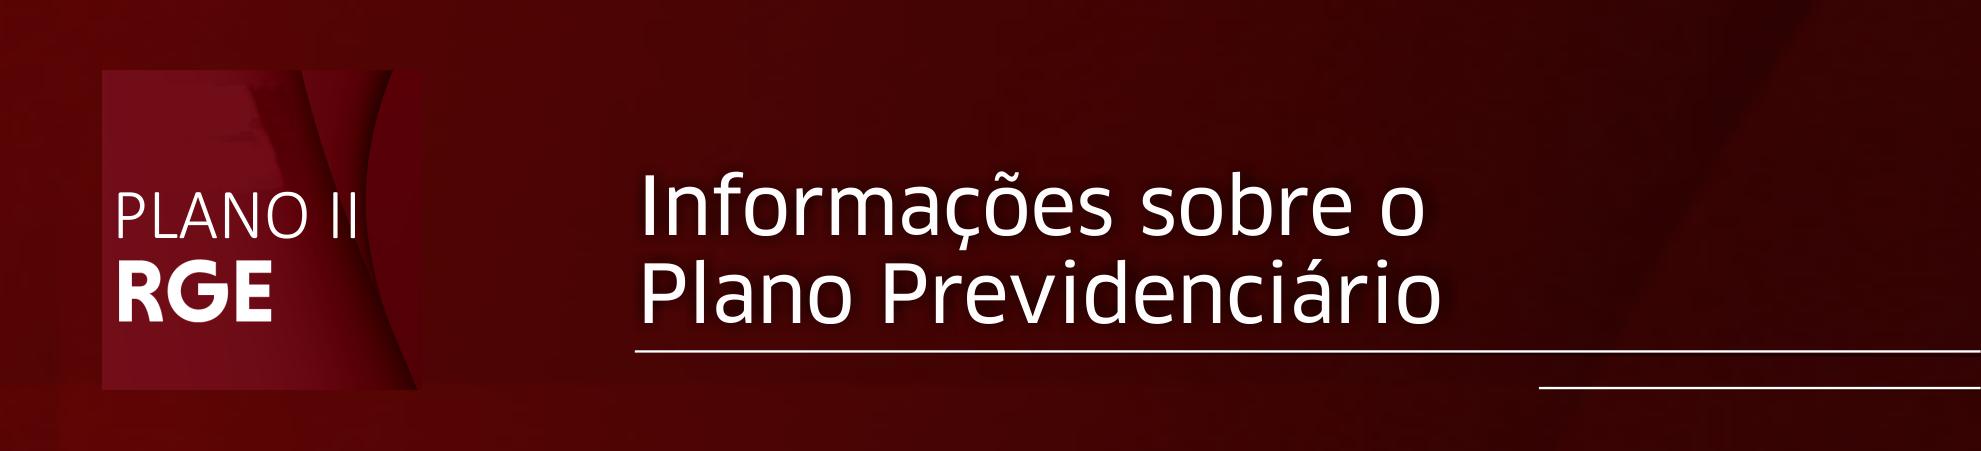 cabecalho_informacoes_planos_p2_rge